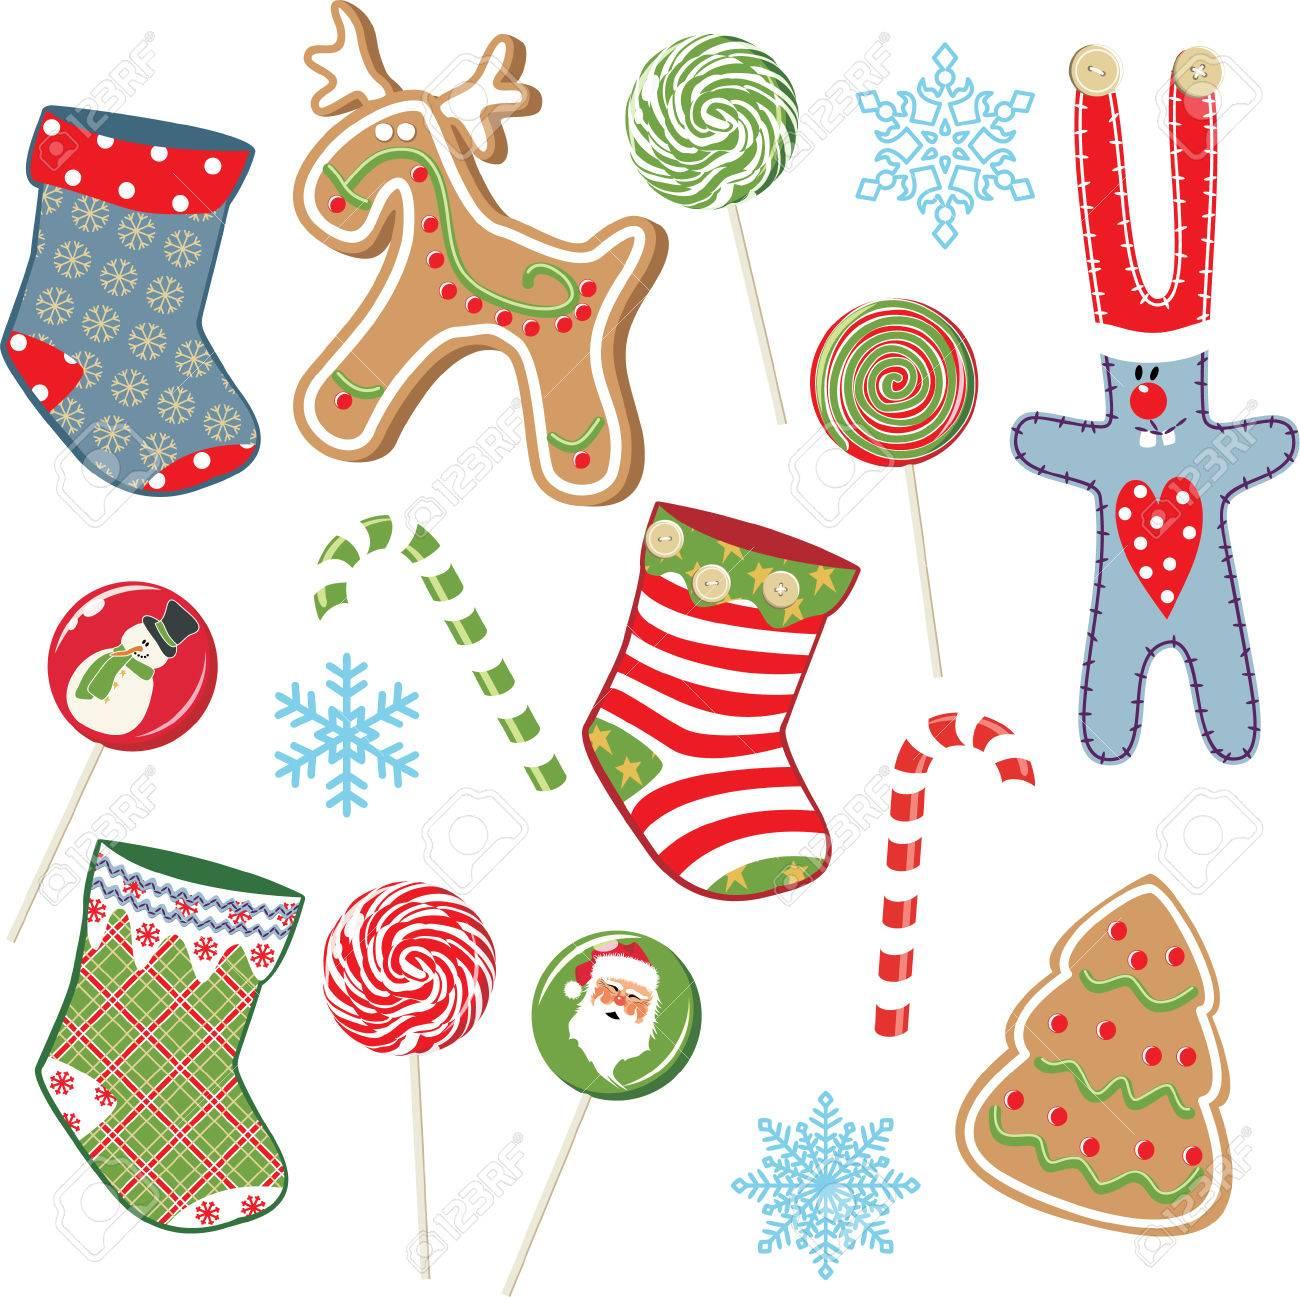 Christmas set Stock Vector - 8553193